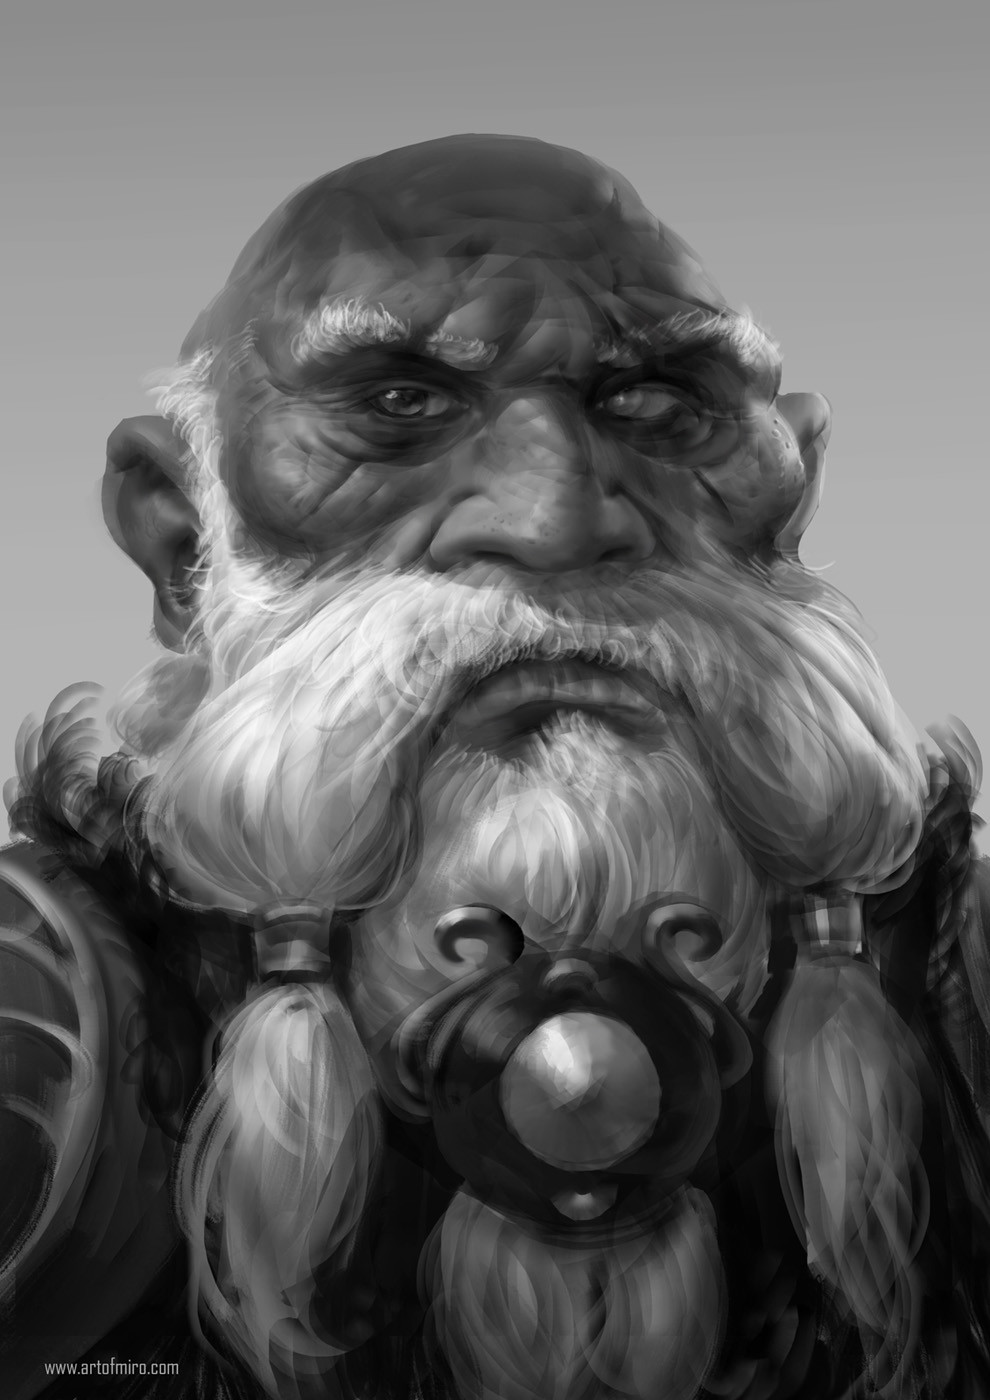 Mad dwarf